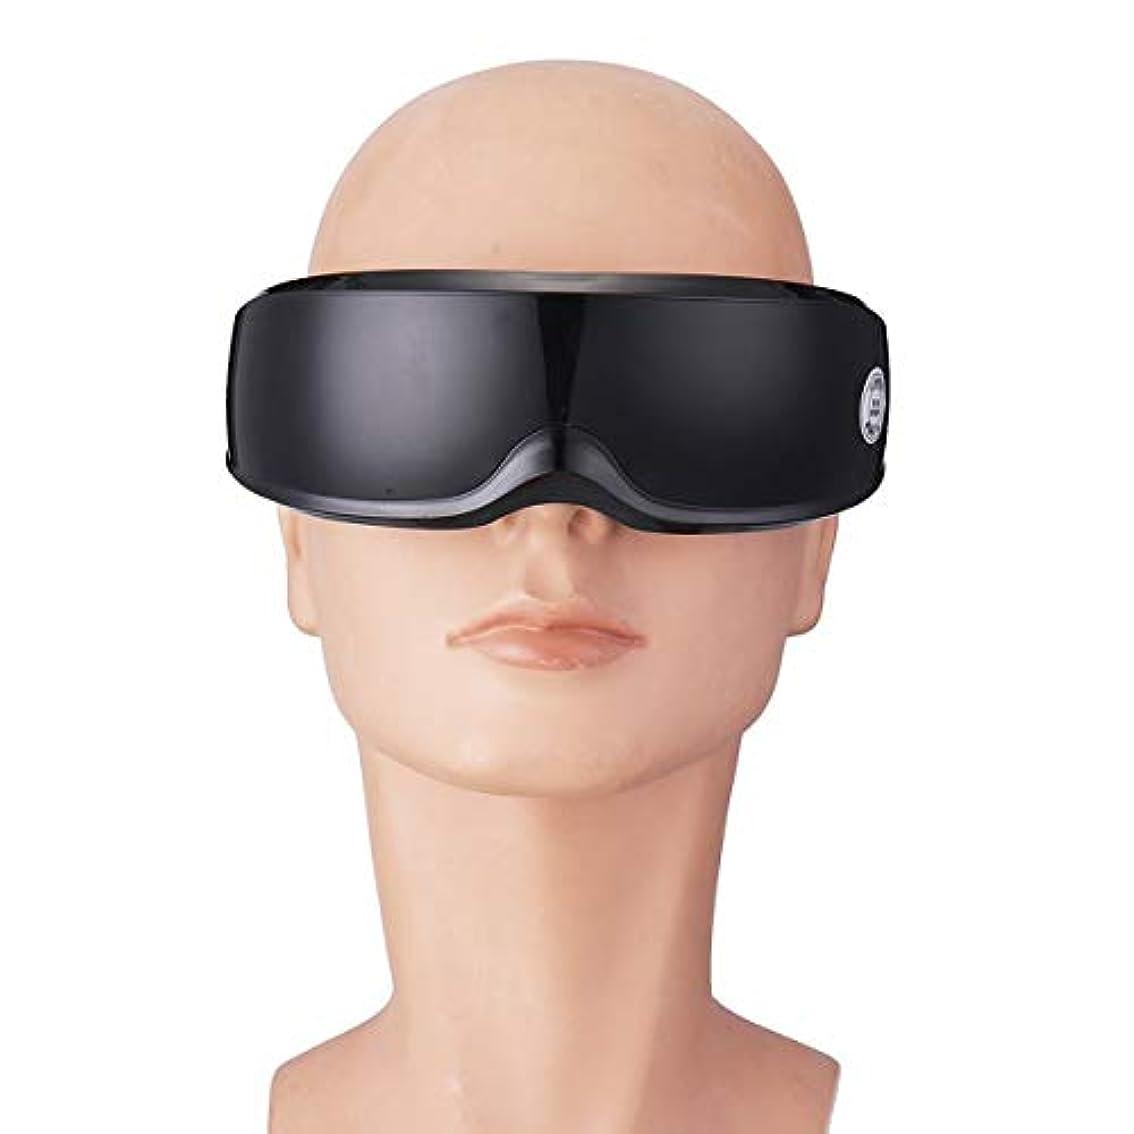 追加ひそかに病気USB Charging Electric Eye Massager Heating Care Vibration Massage Stress Relief Relaxation Eyesight Recovery Eye...